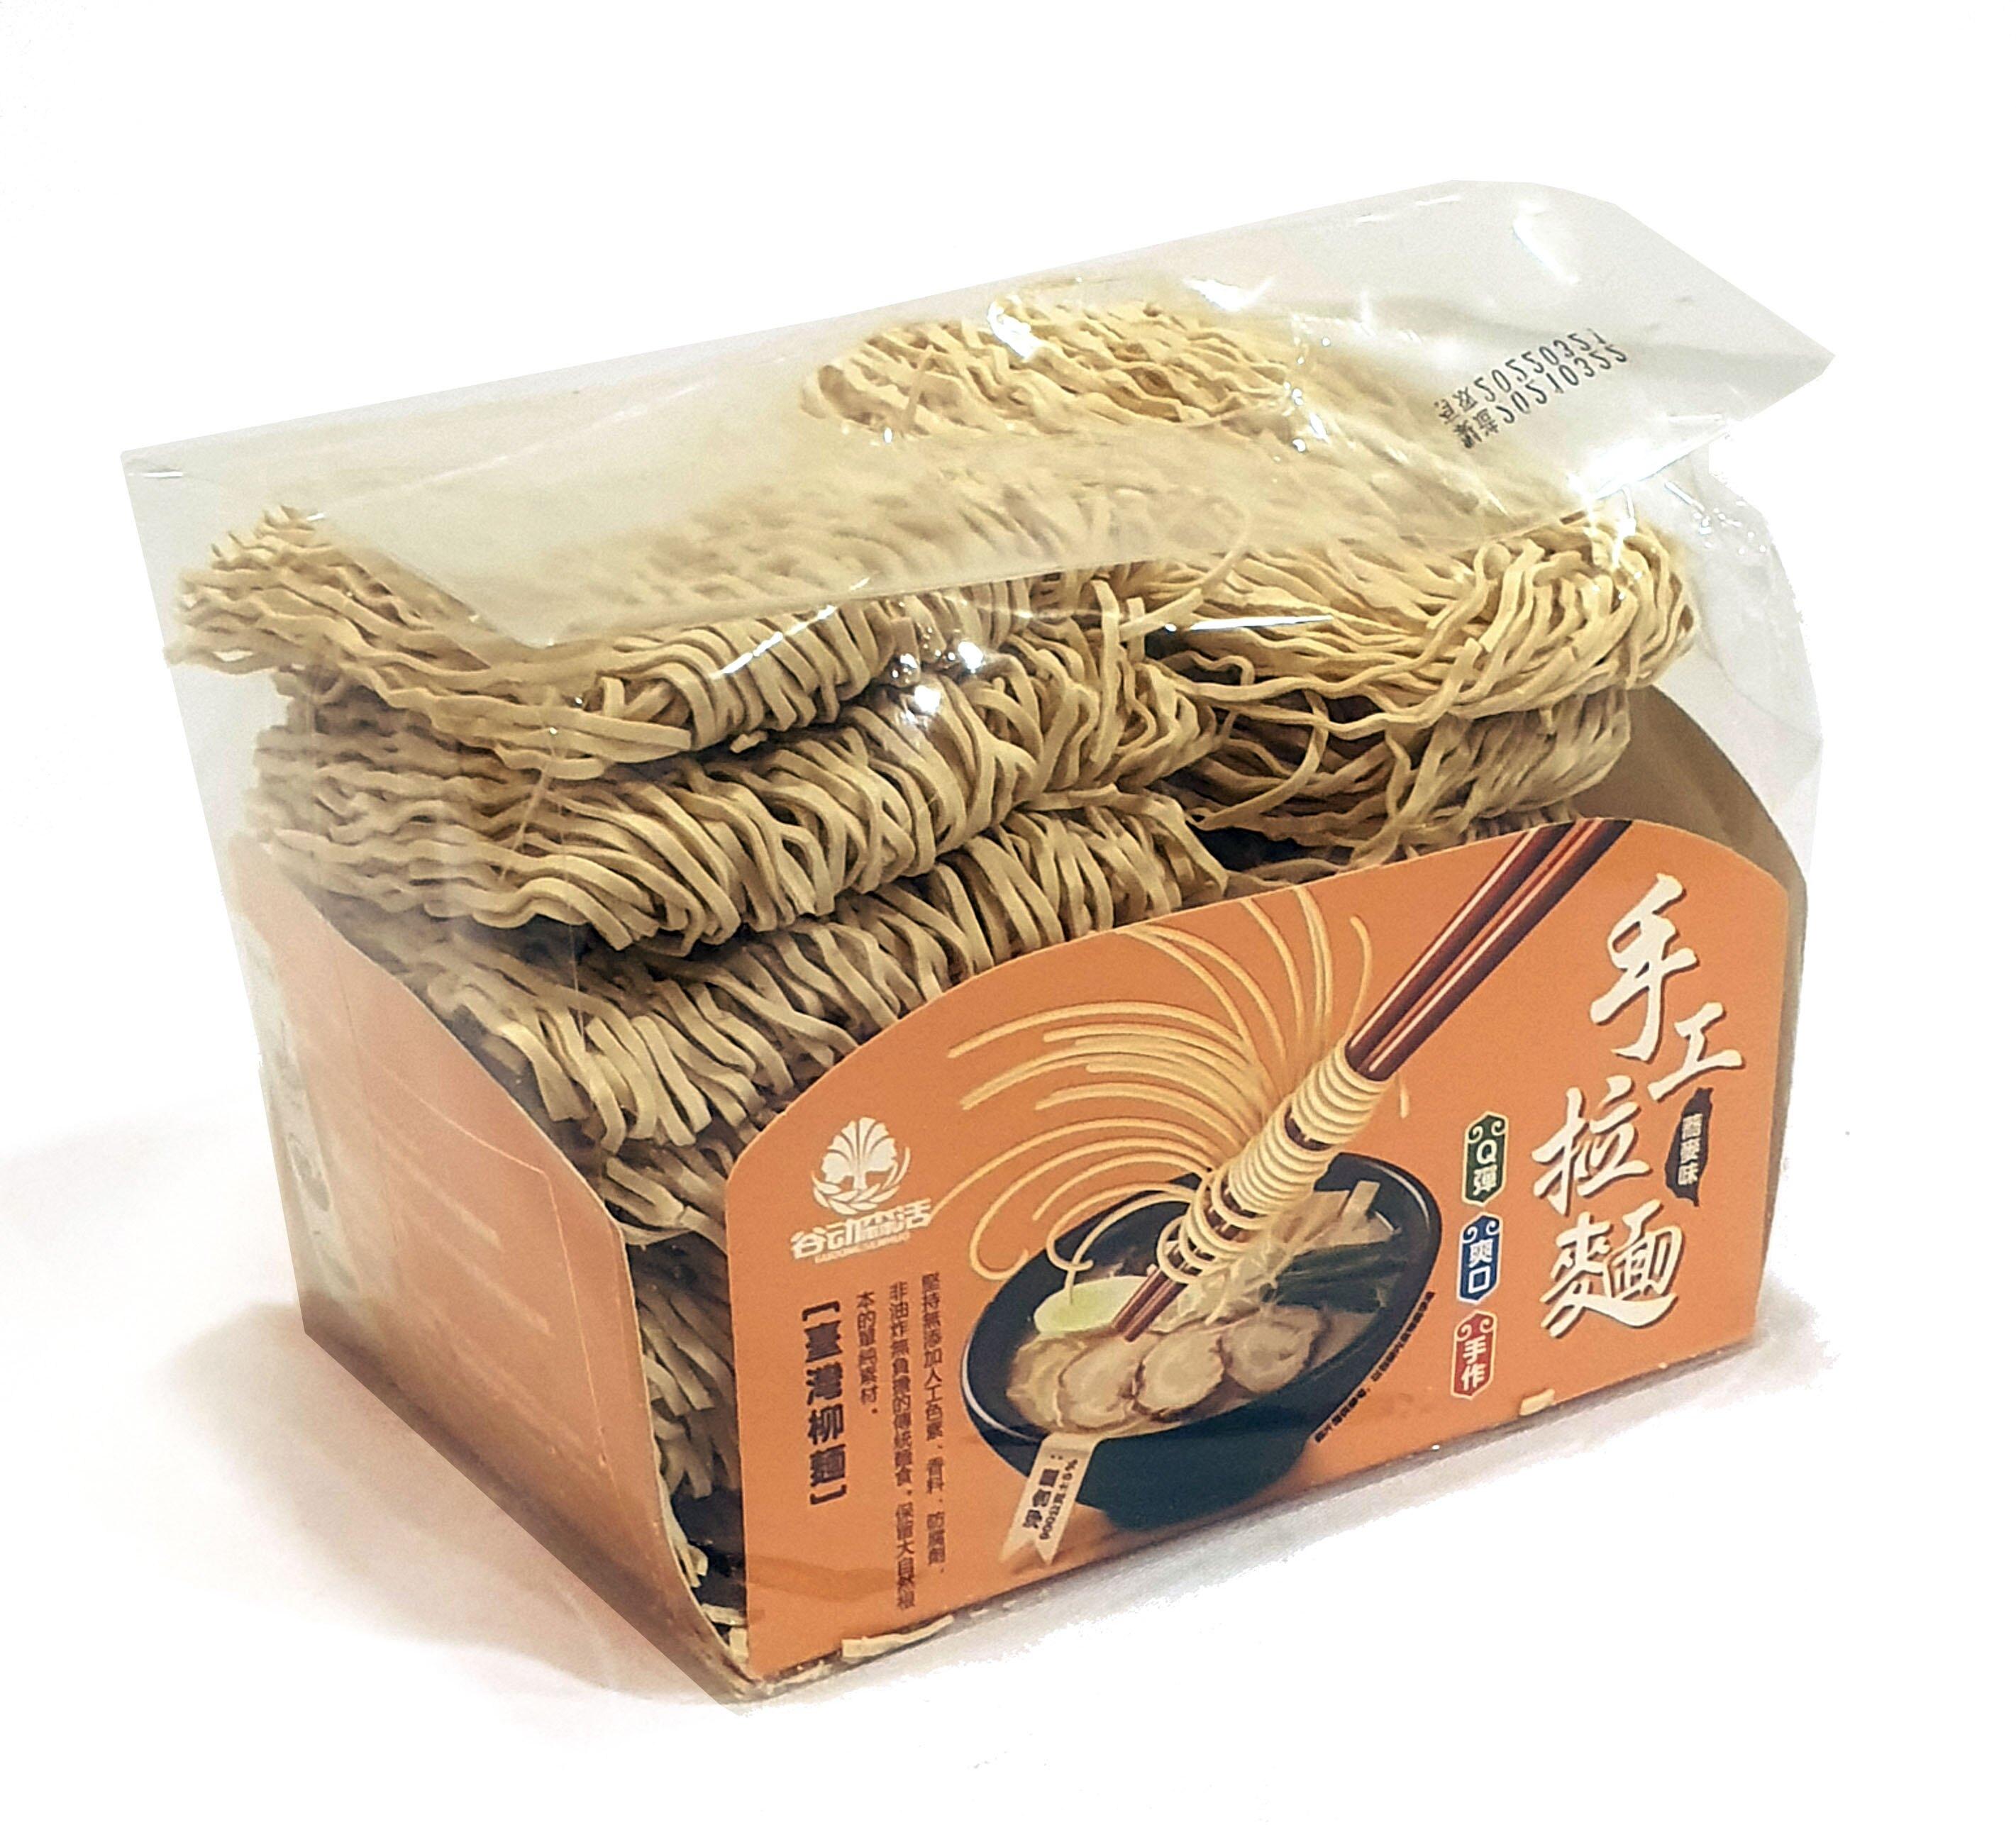 穀動森活 日曬手工拉麵 900公克/包 (台灣製造)